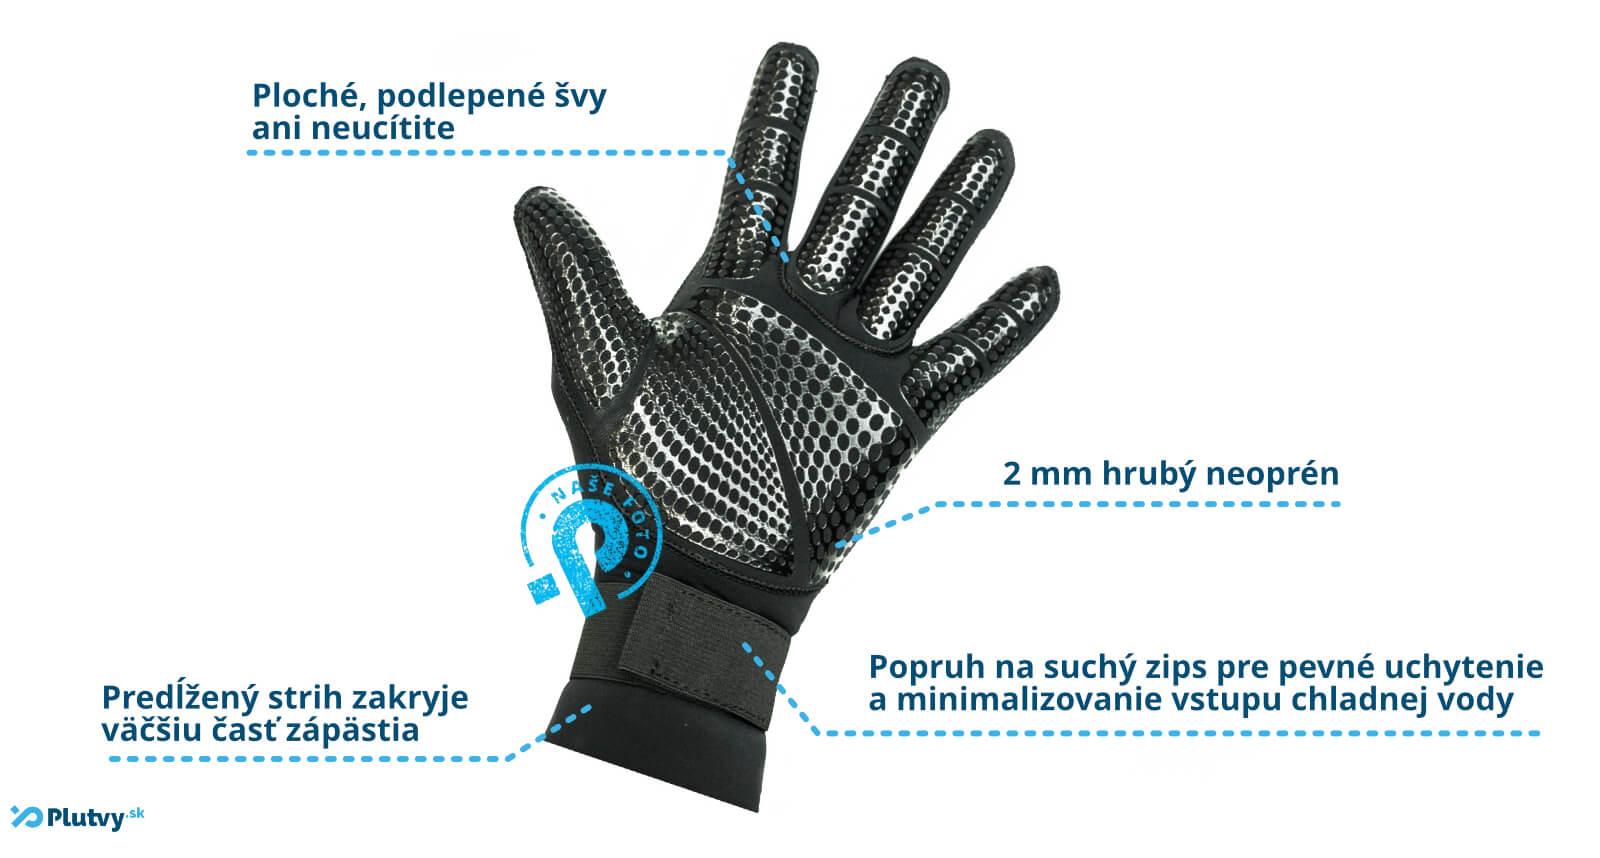 rukavice z neoprénu Hiko Slim, z mäkkého pružného neoprénu, s manžetou na zápästí a protišmykovým, spevňujúcim nástrekom na dlani